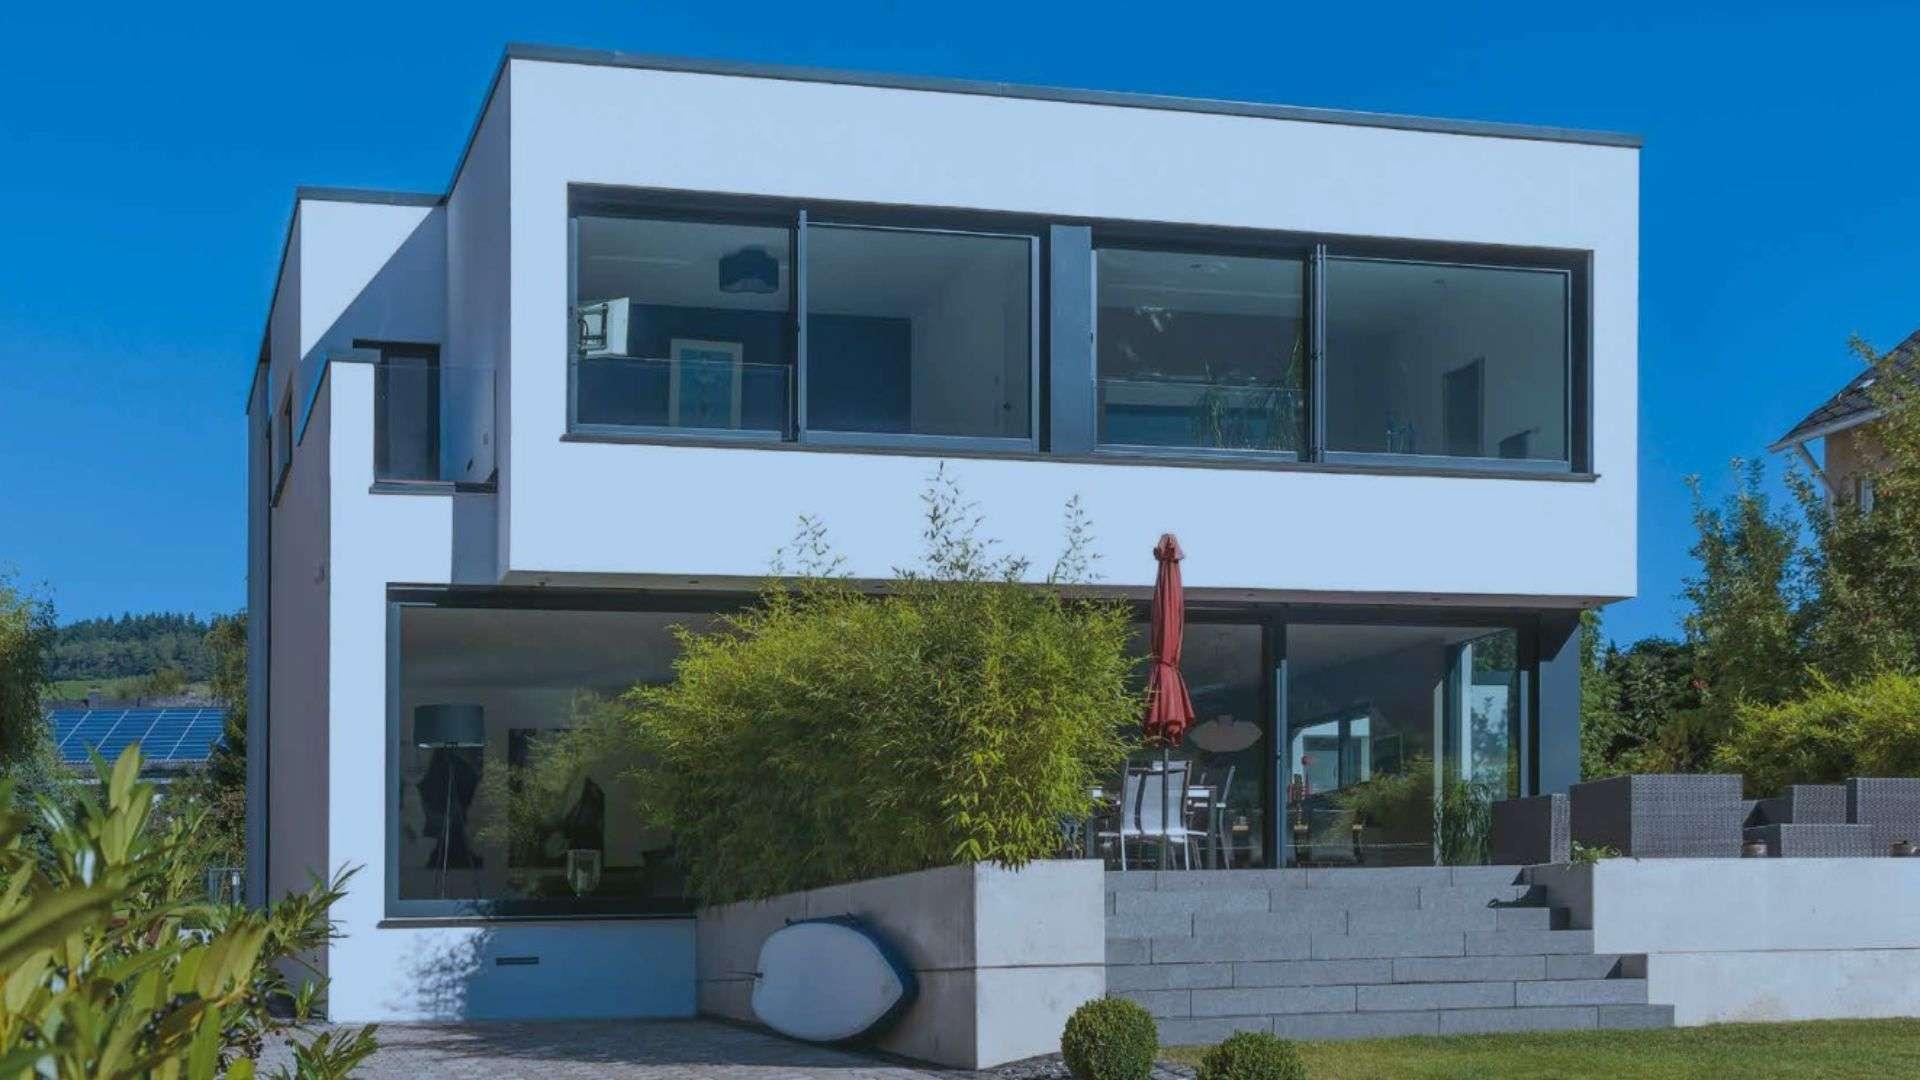 Full Size of Pvc Maschine Fenster Kaufen Streichen Fensterfolie Glasklar Kunststofffenster Reinigen Freie Vergilbte Seatech 1mm Sichern Gegen Einbruch Türen Bauhaus Fenster Pvc Fenster